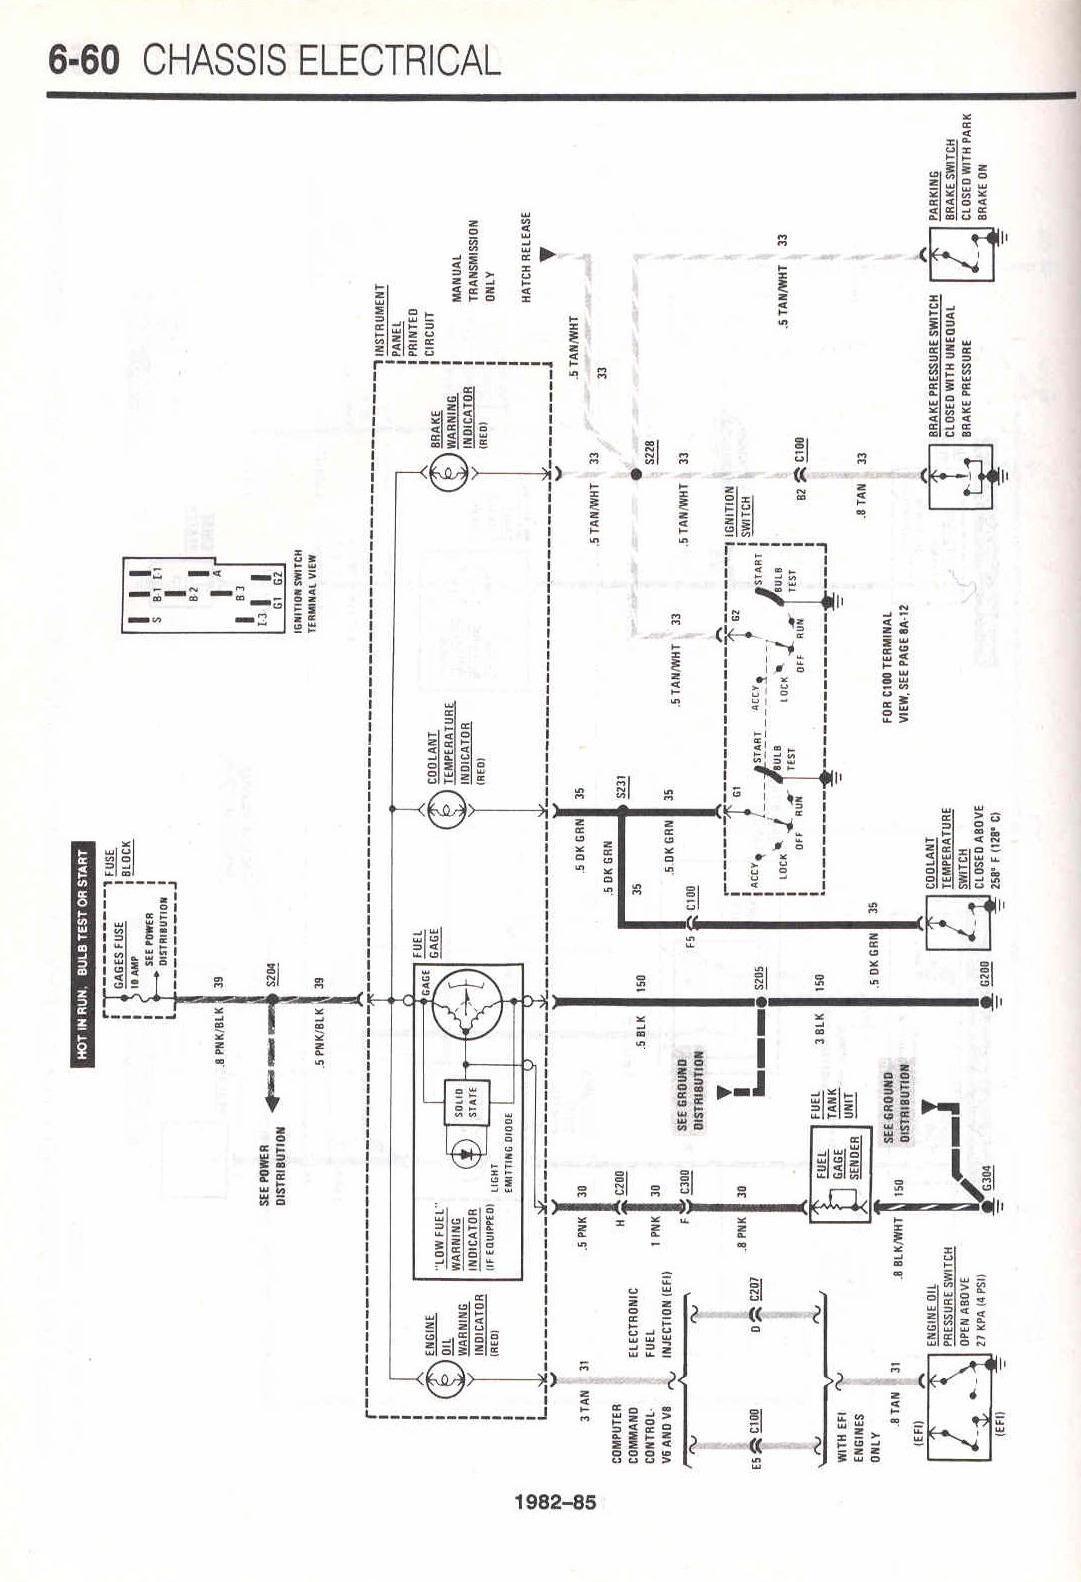 1982 z28 camaro wiring diagram